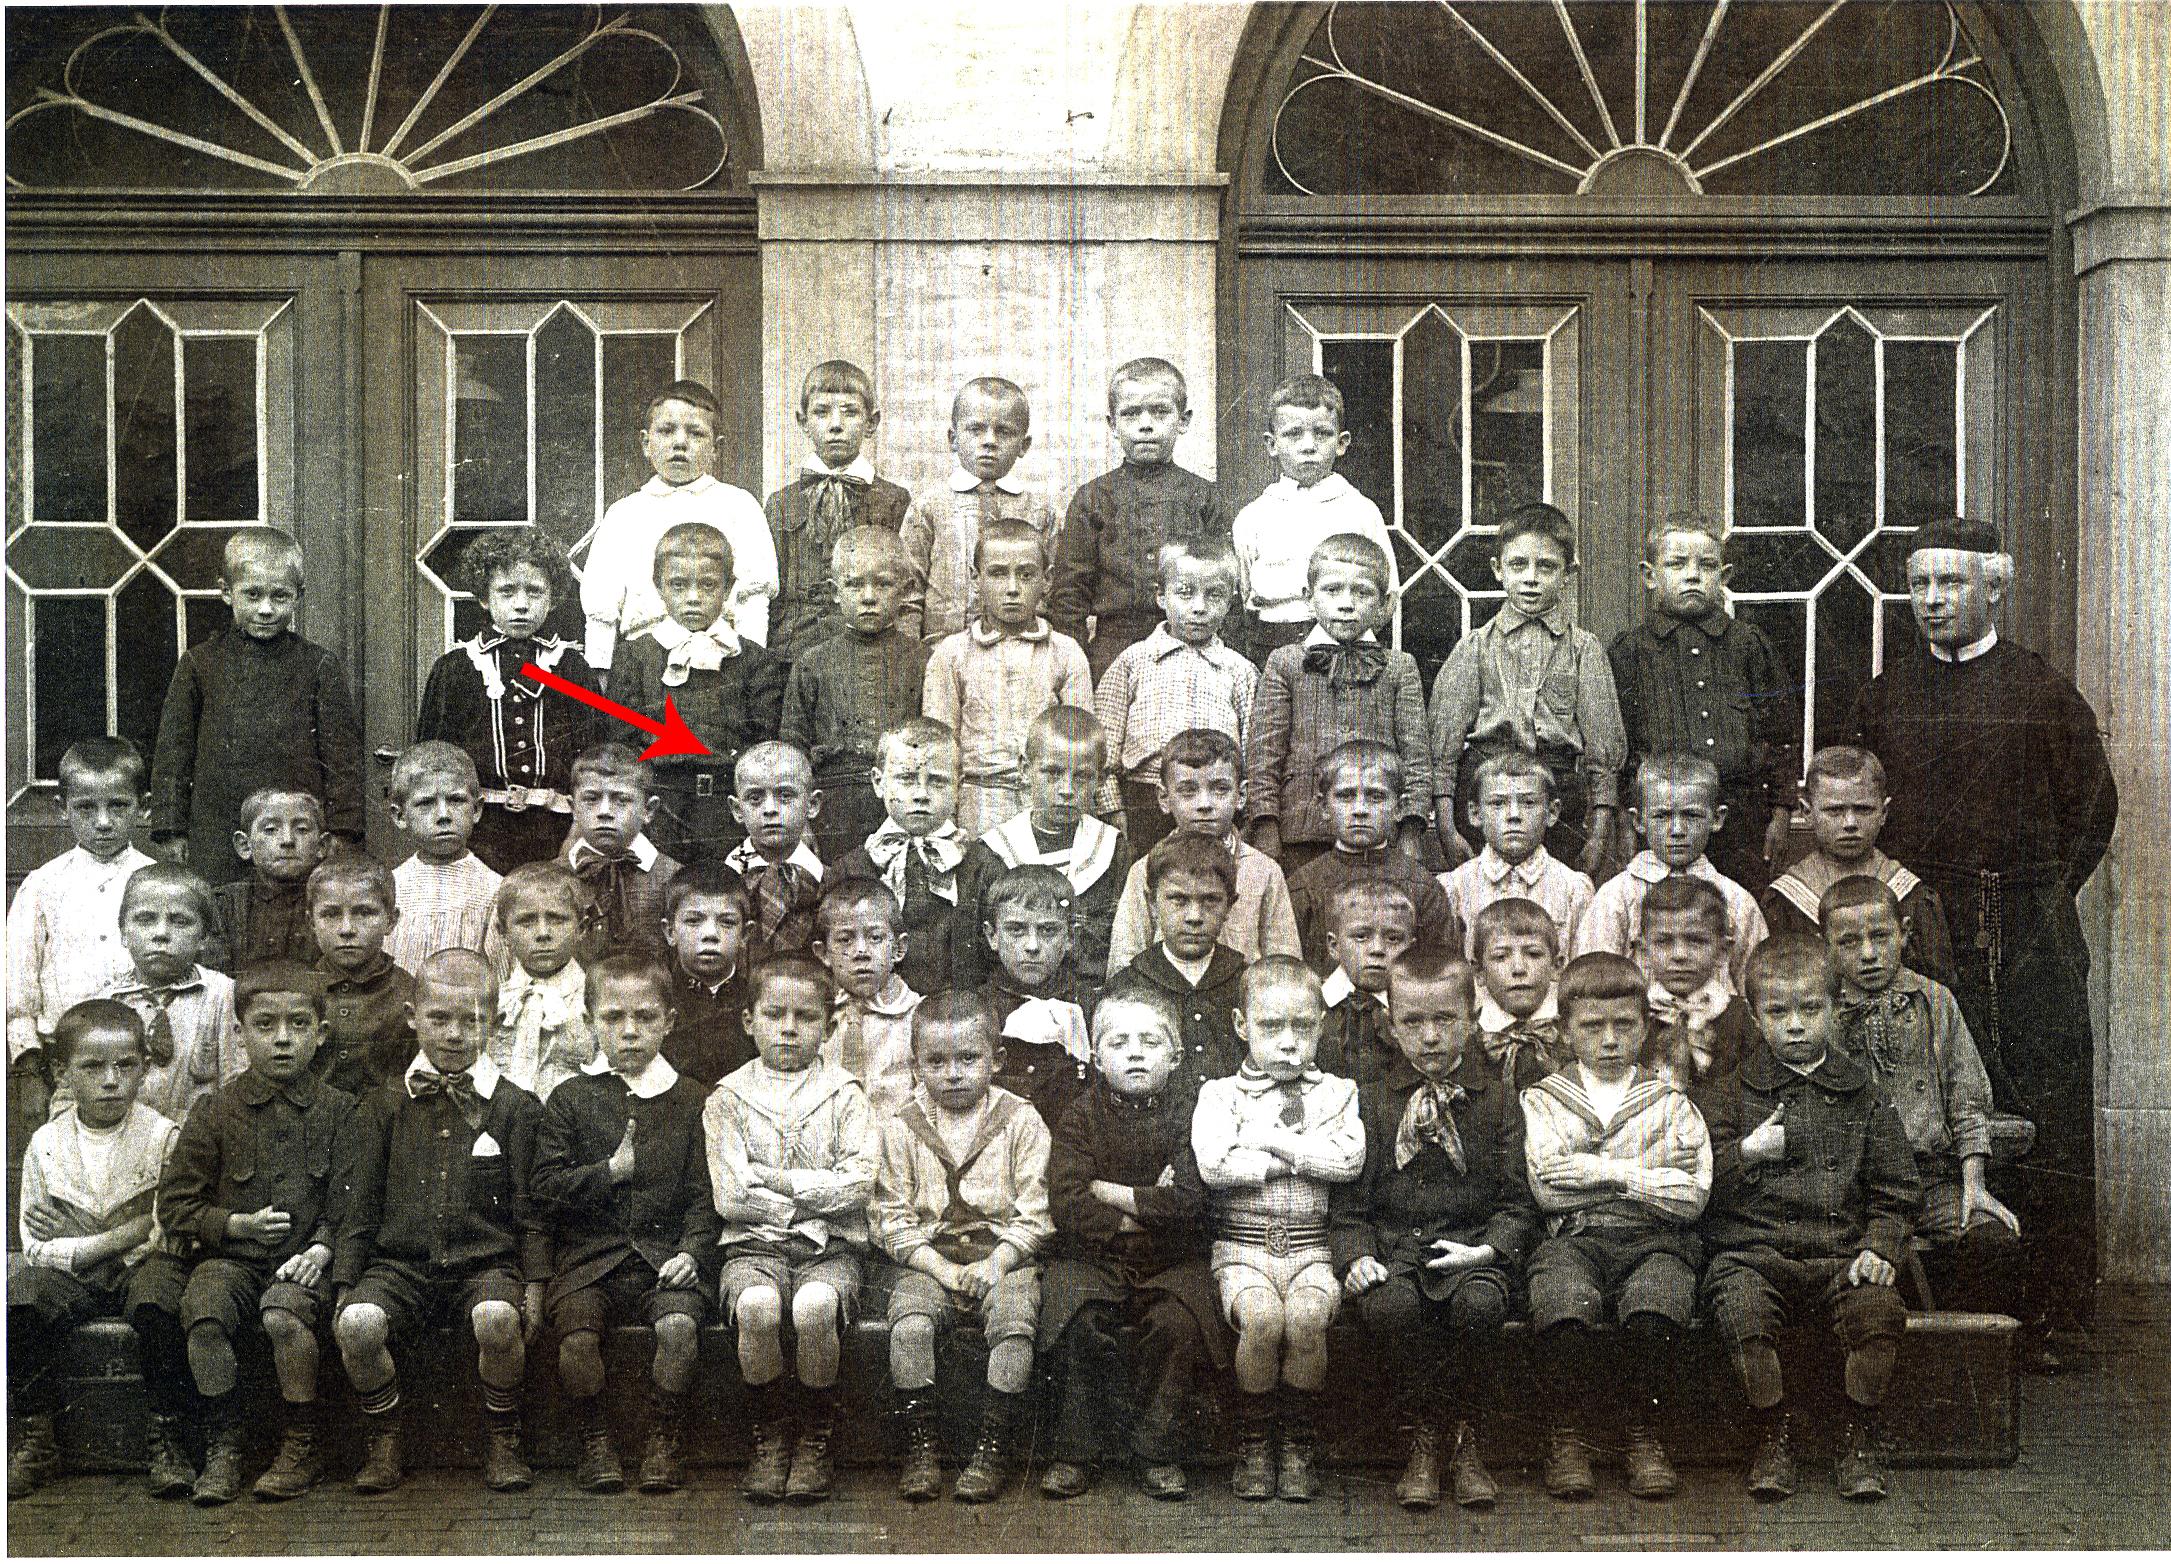 ~1909 Class Photo